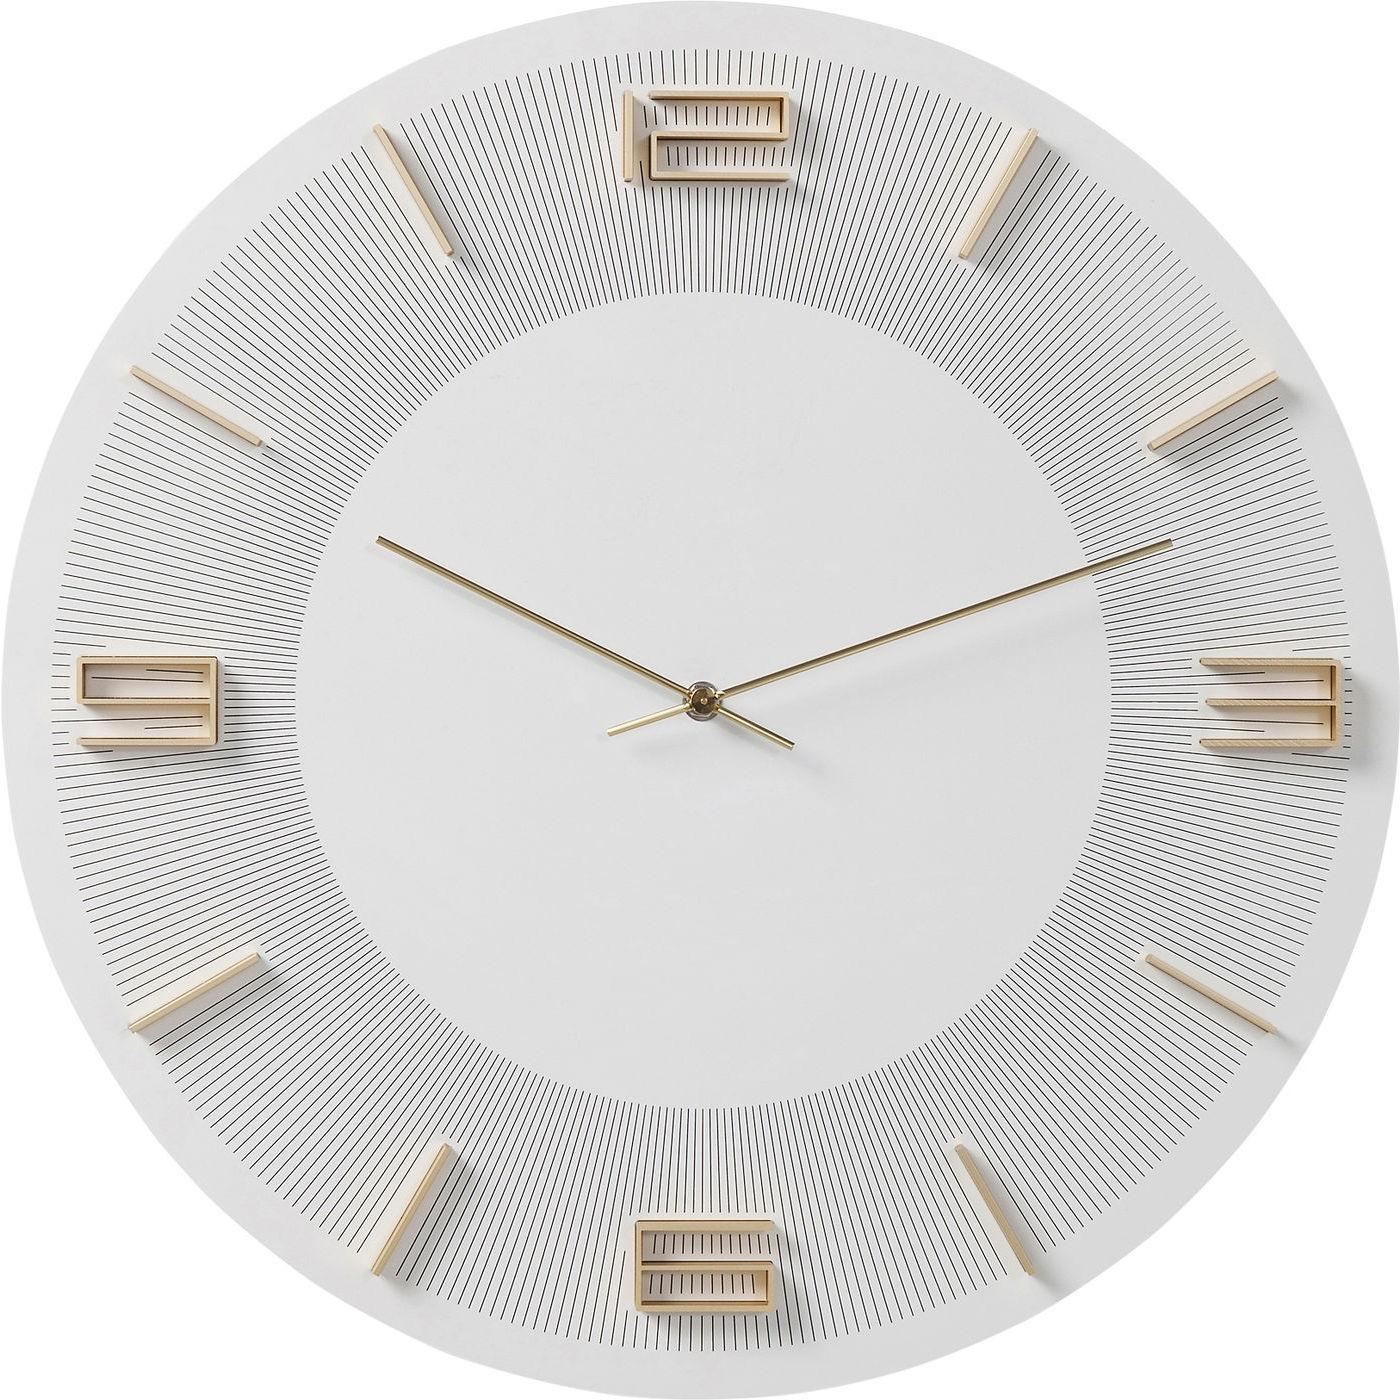 Horloge blanche et dorée D49